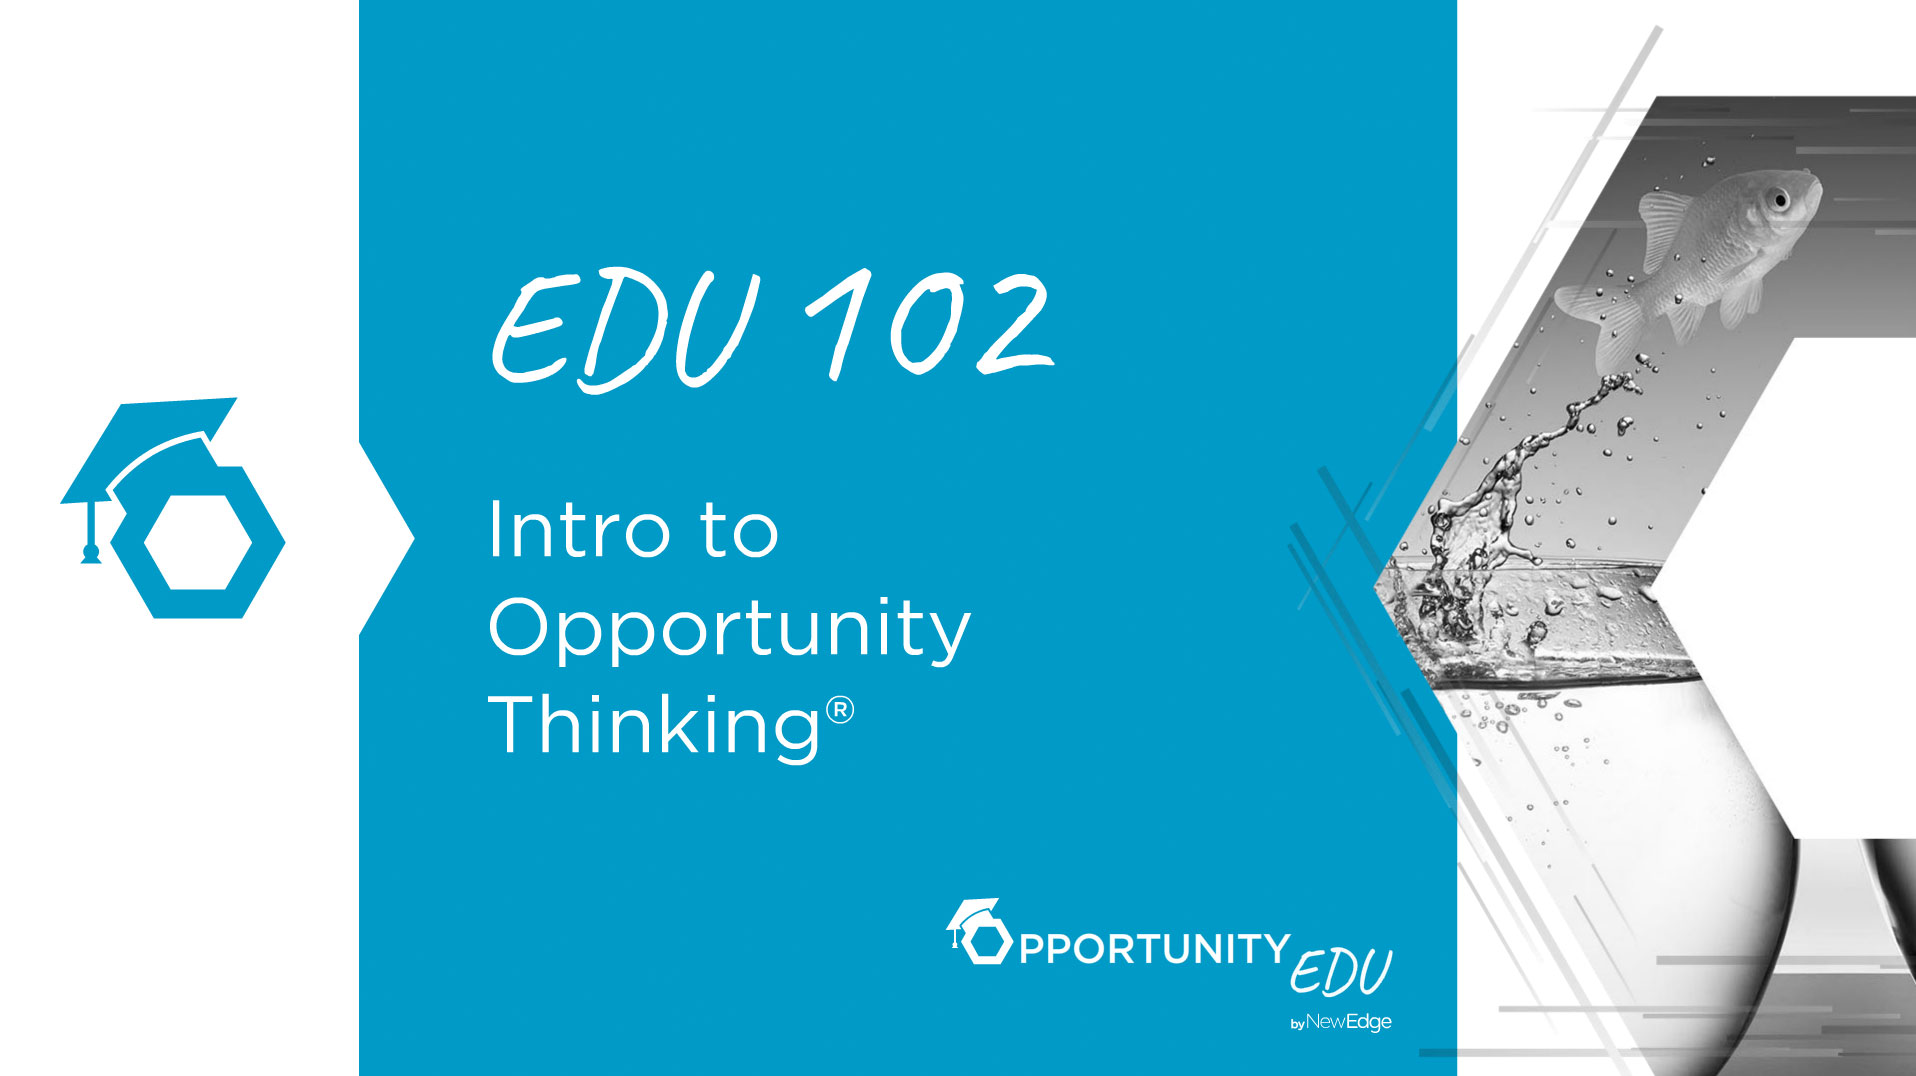 EDU 102